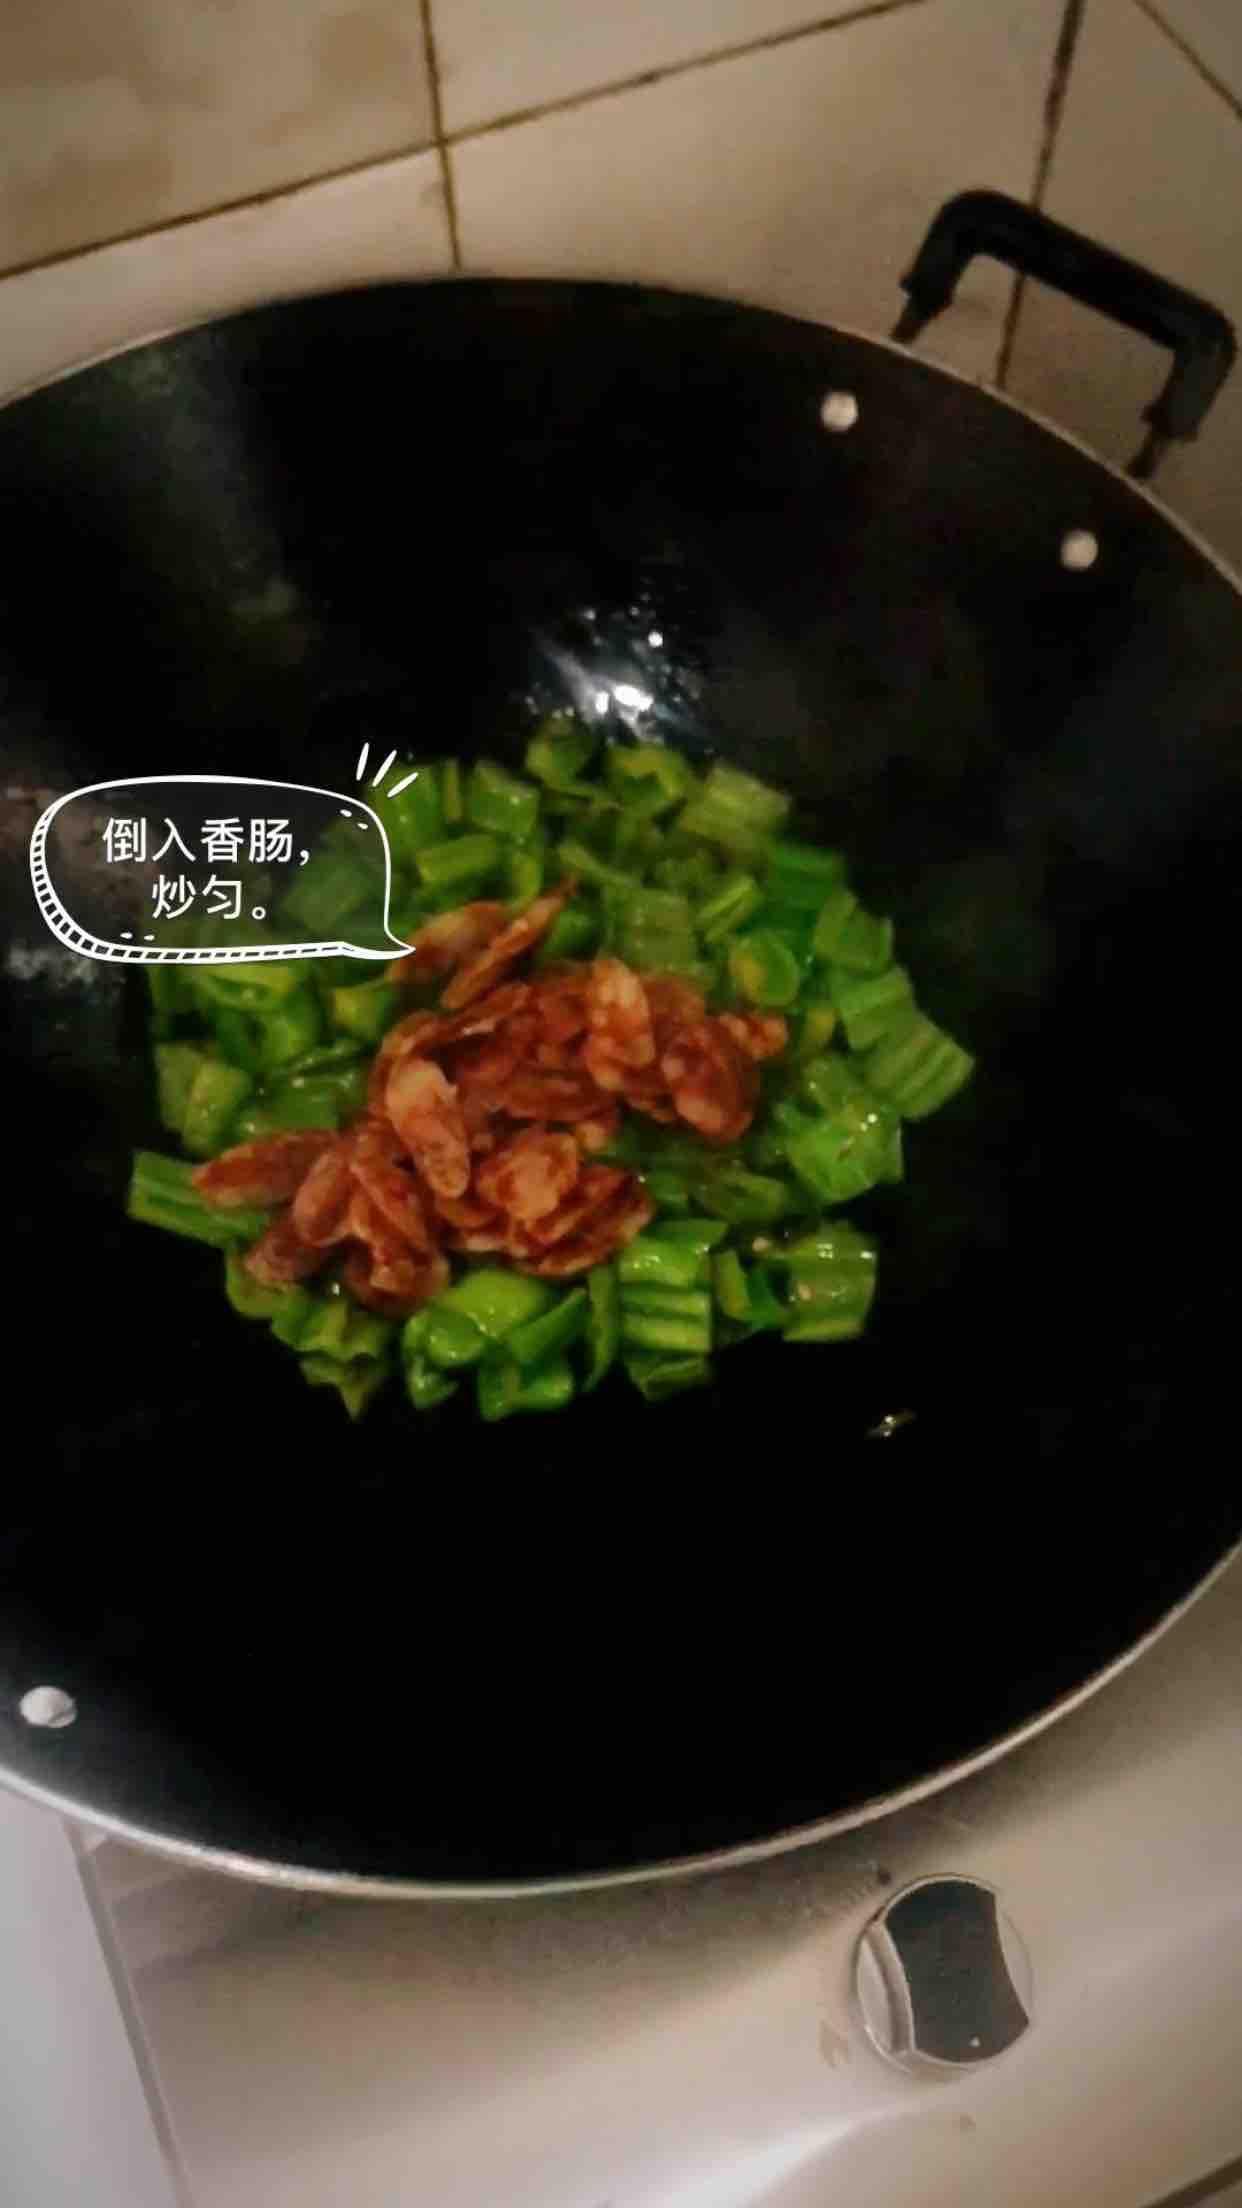 青椒炒香肠怎么煮